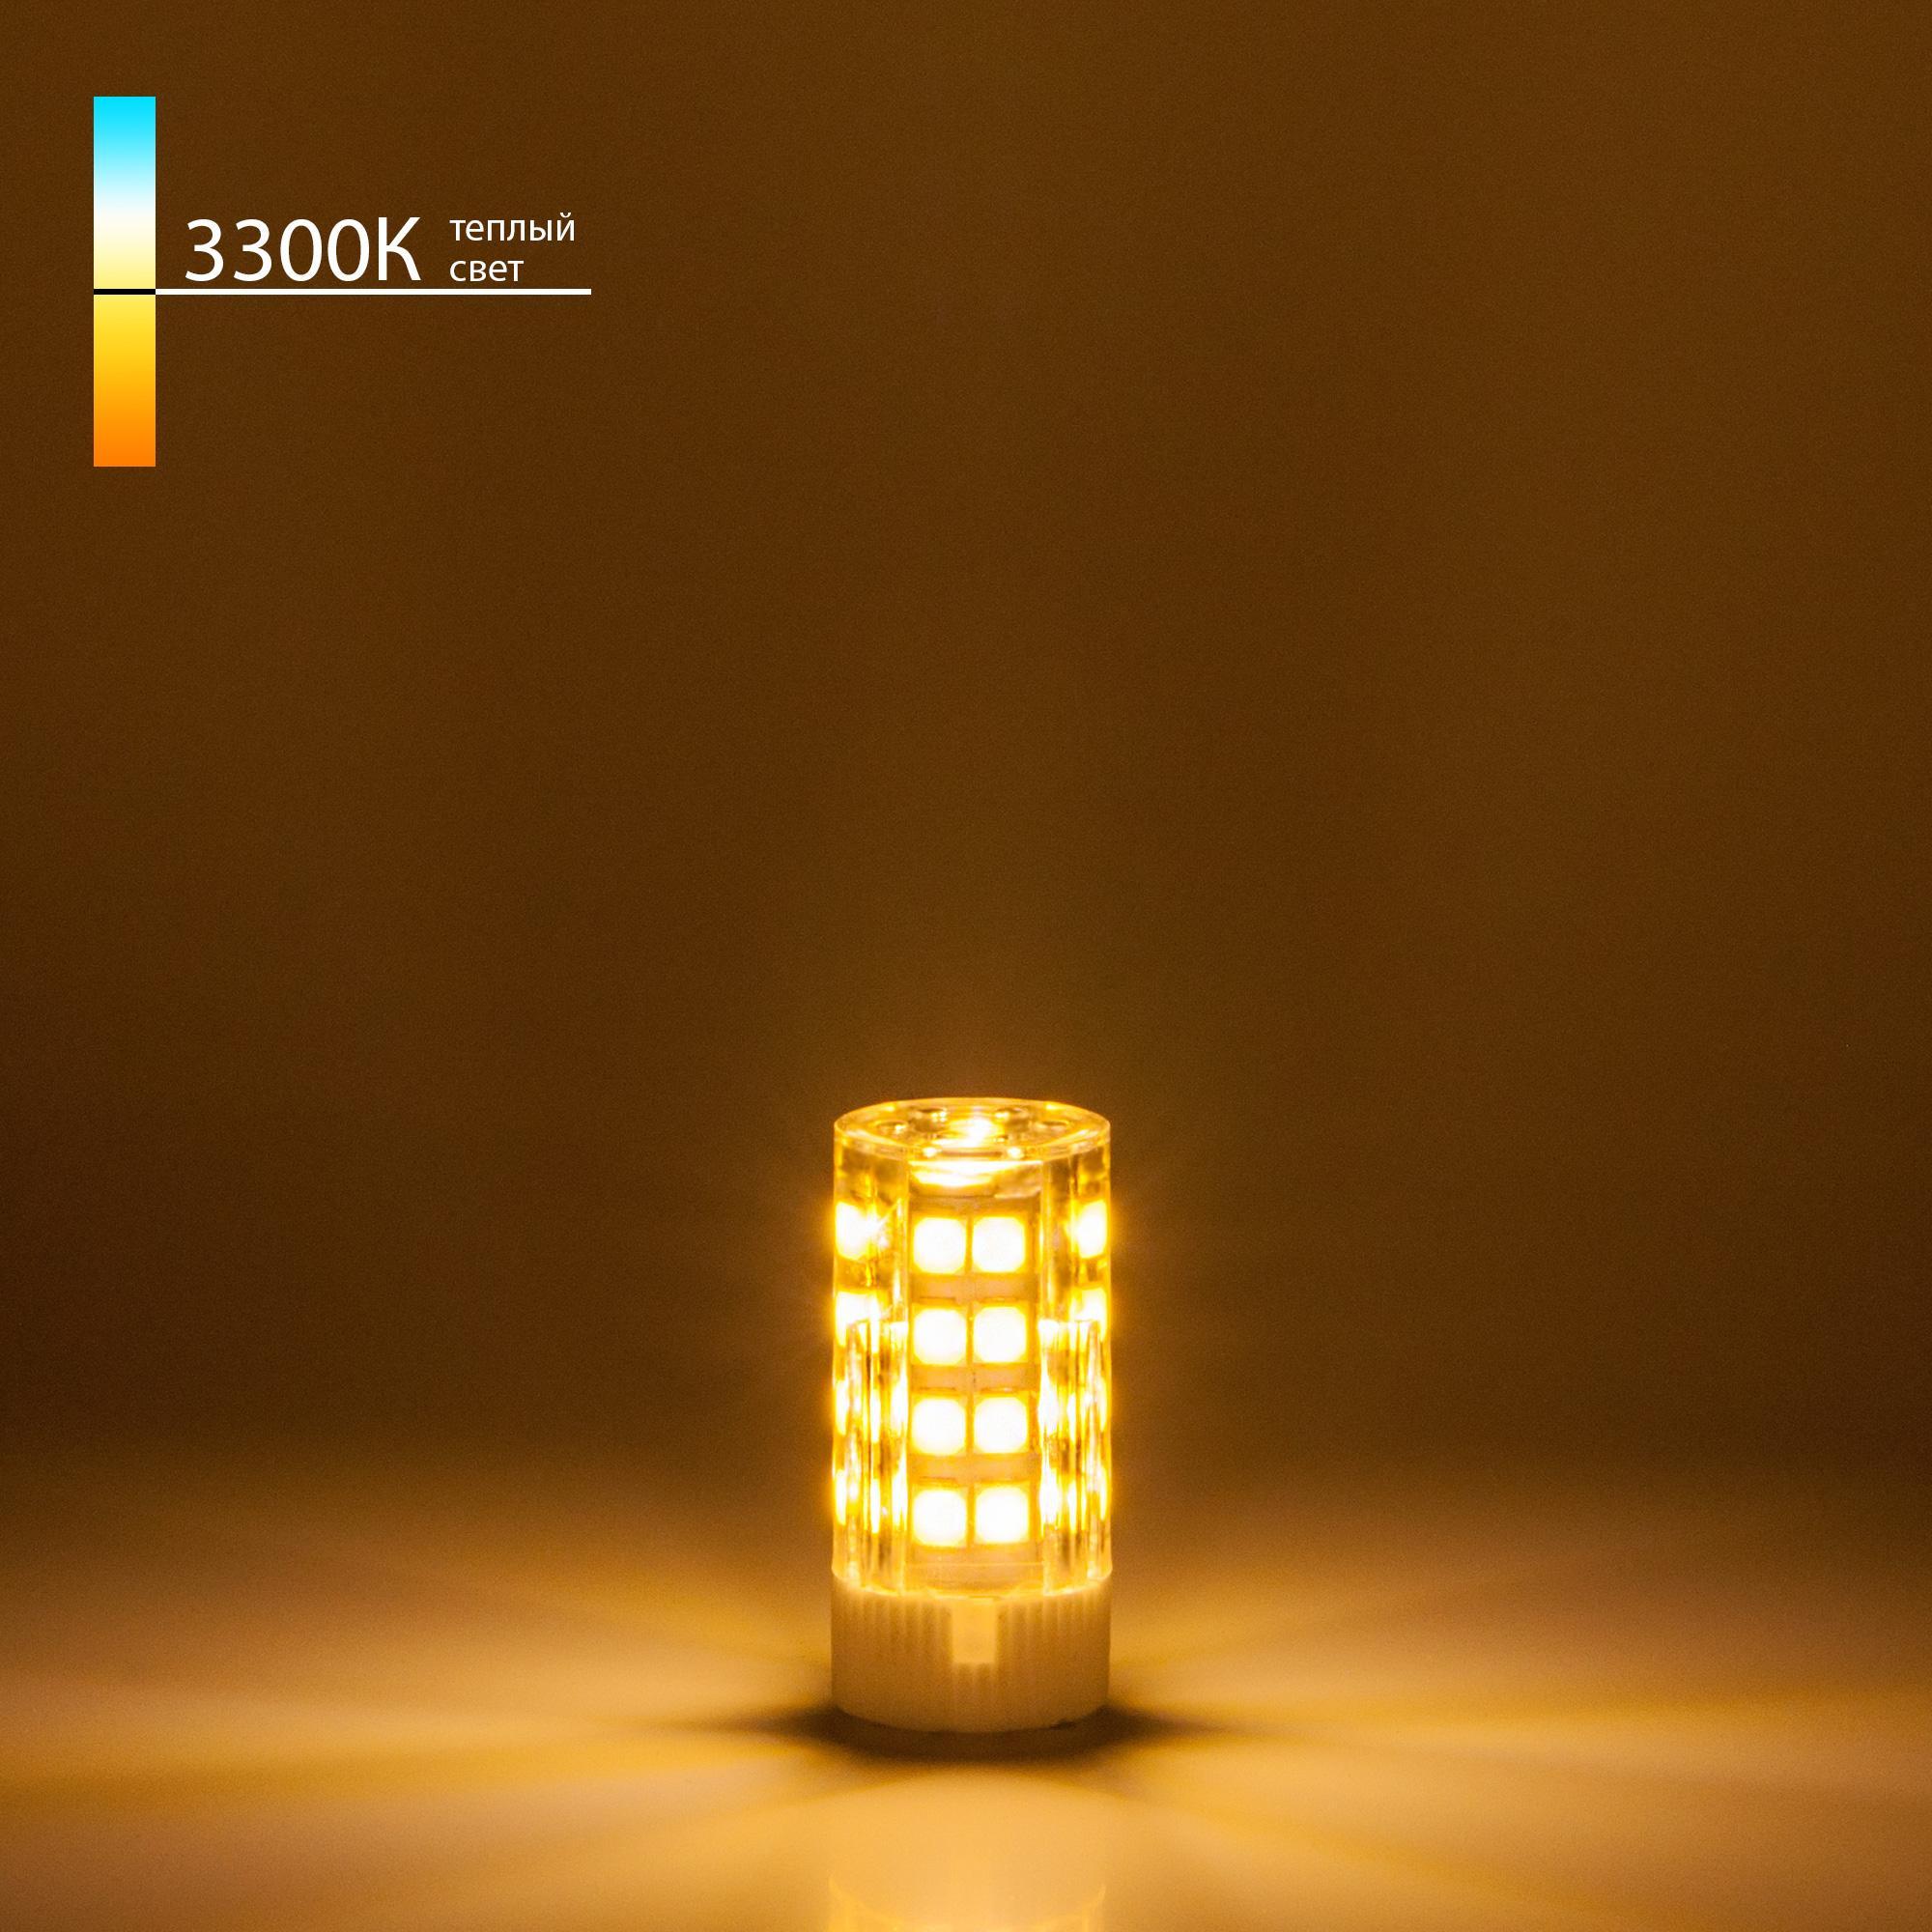 G4 LED BL107 7W 220V 3300K